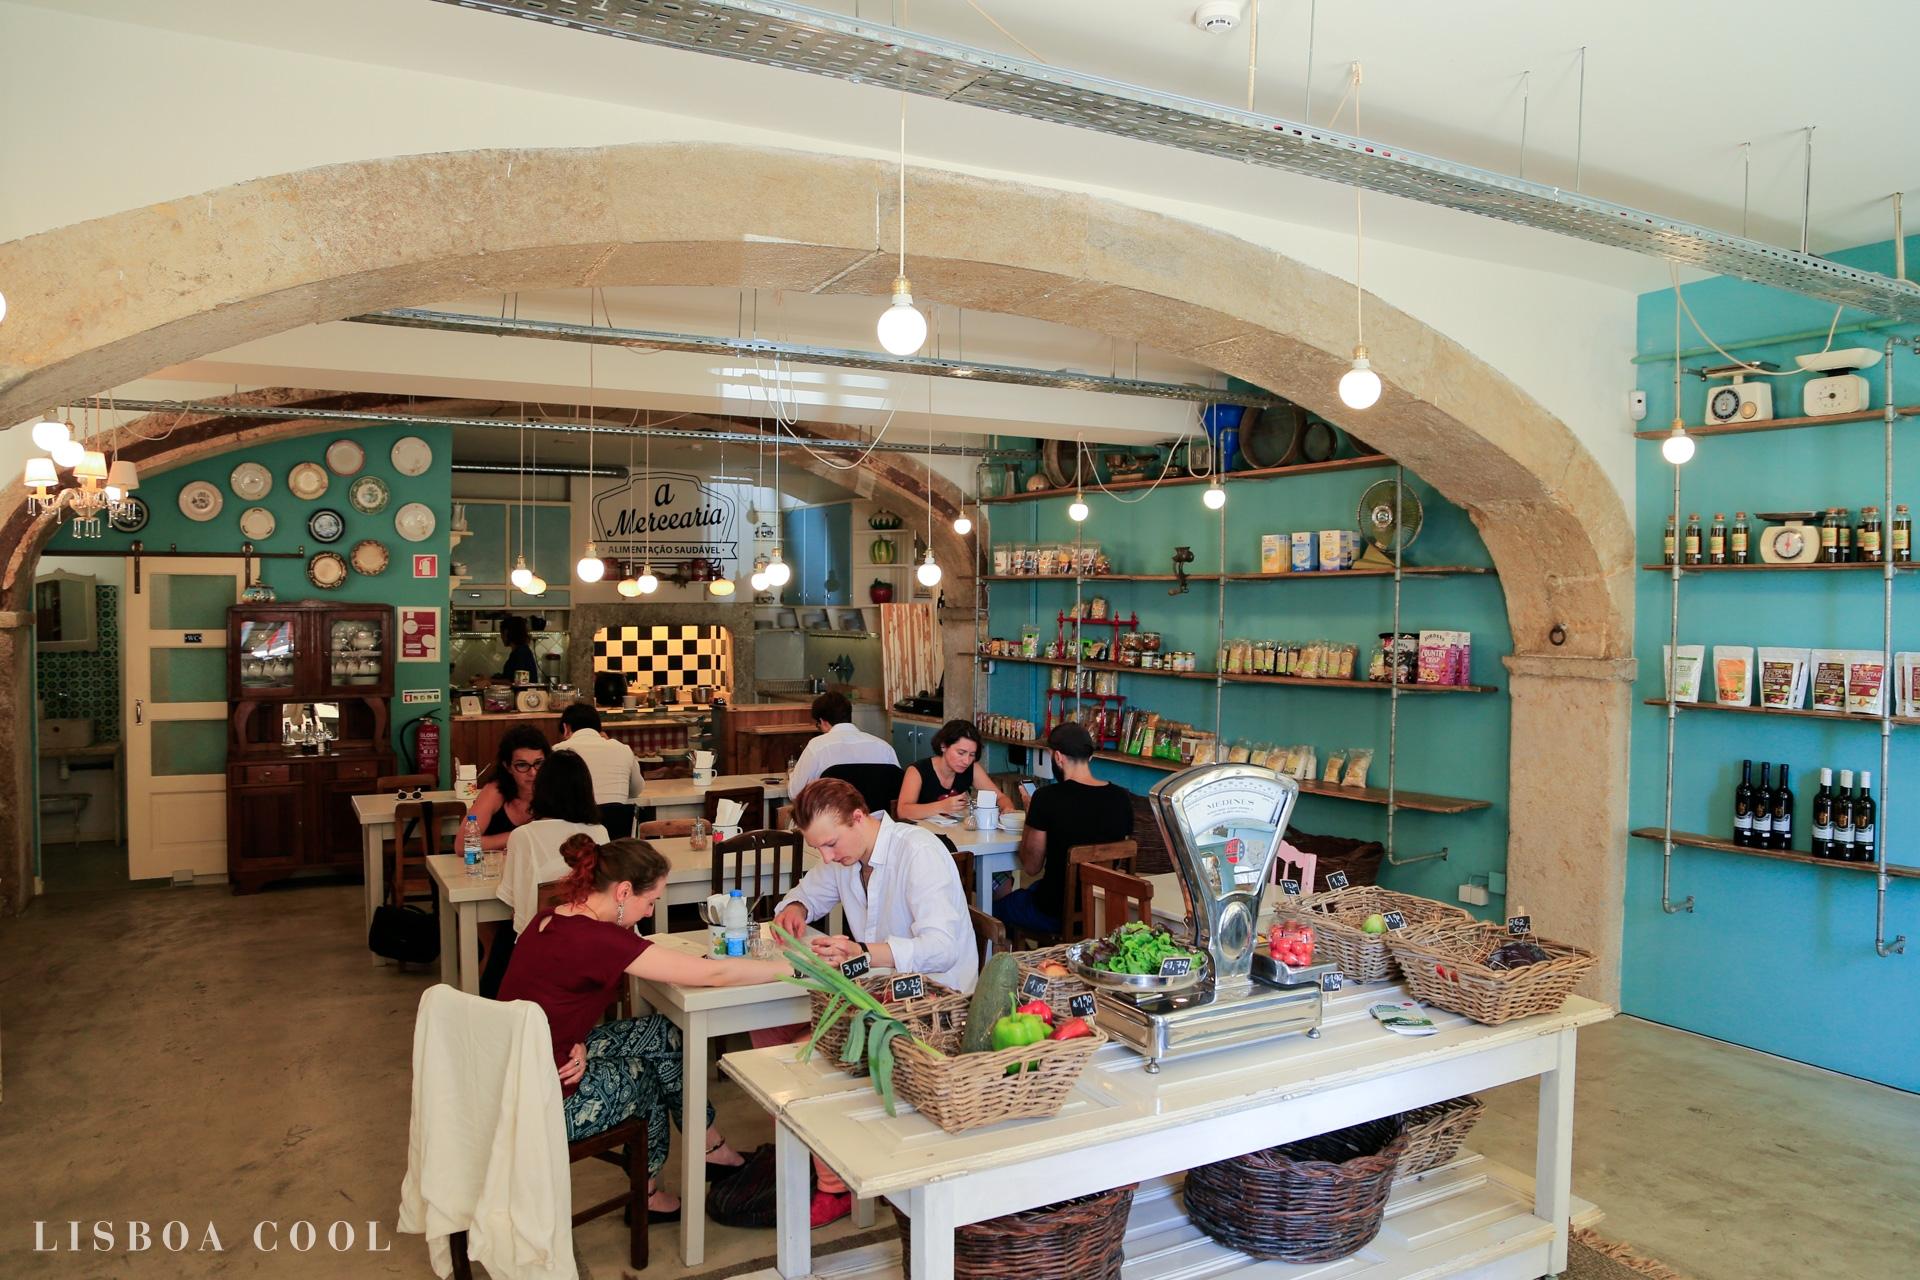 lisboa_cool_comer_restaurantes_a_mercearia